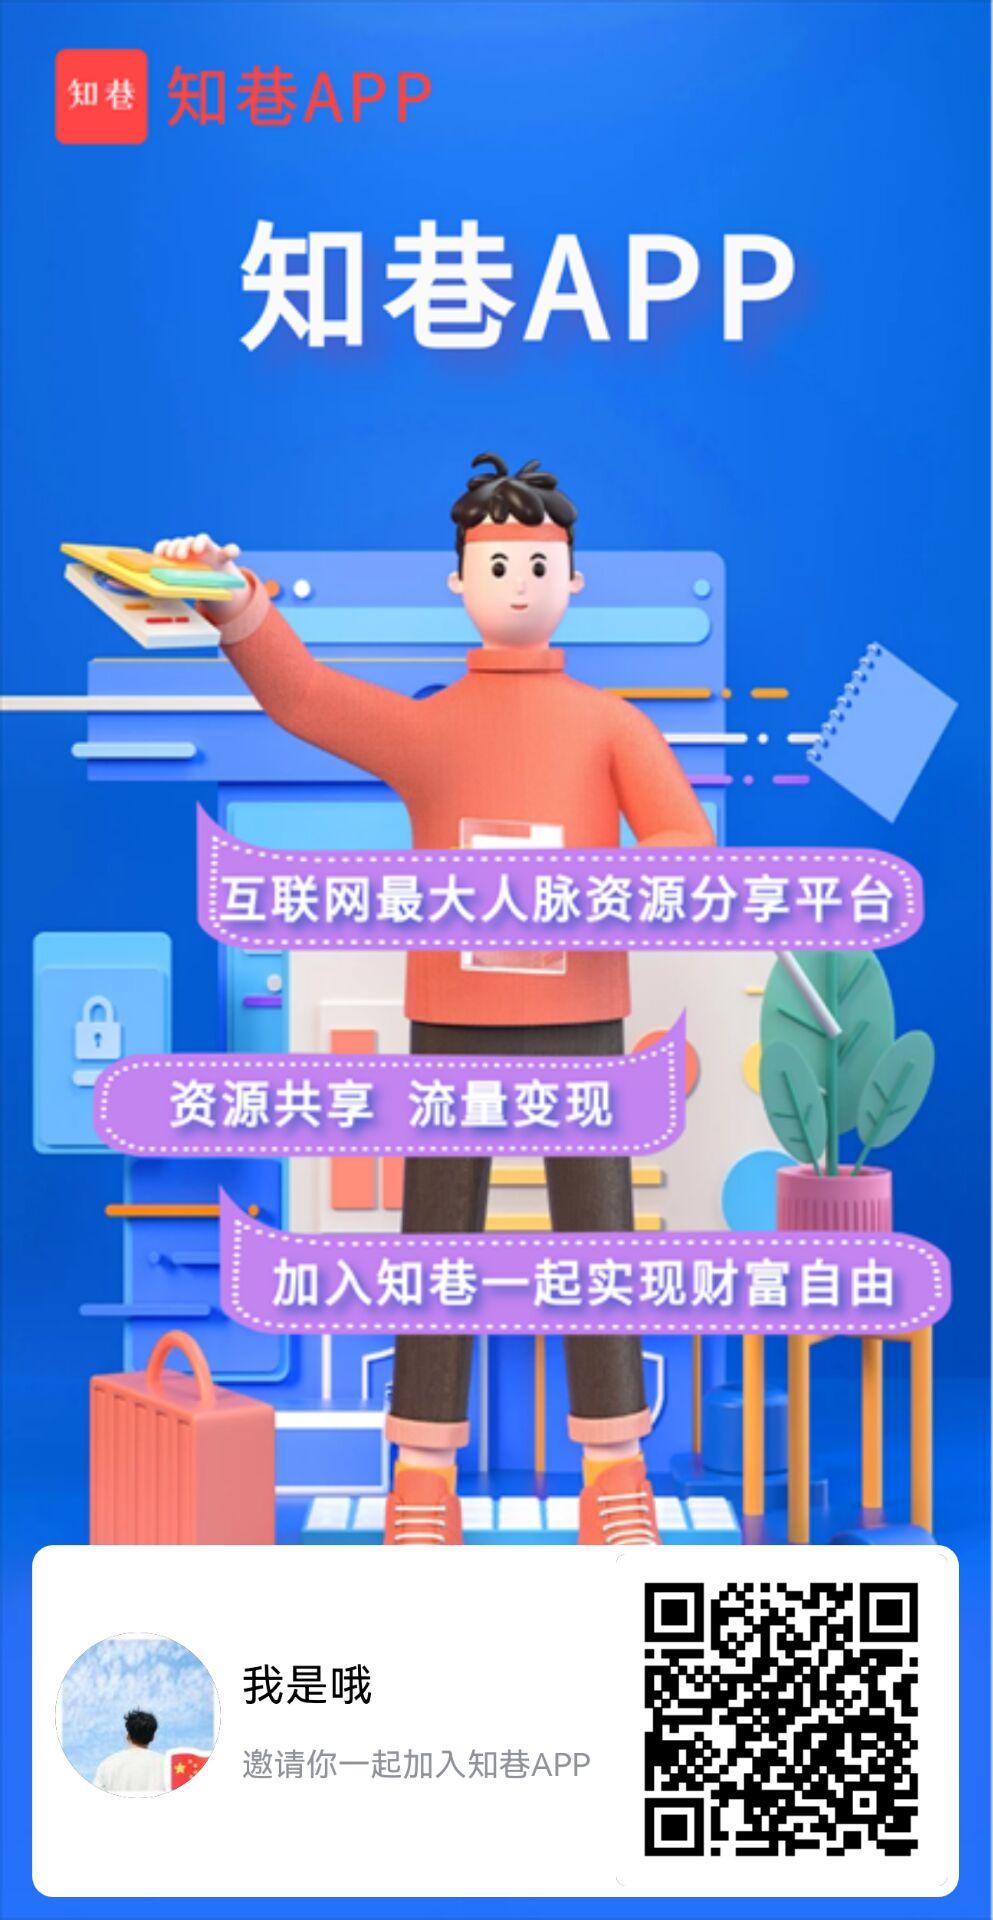 图片[2]-知巷APP:一个免费广告推广60人?优质广告平台不要错过!-首码社